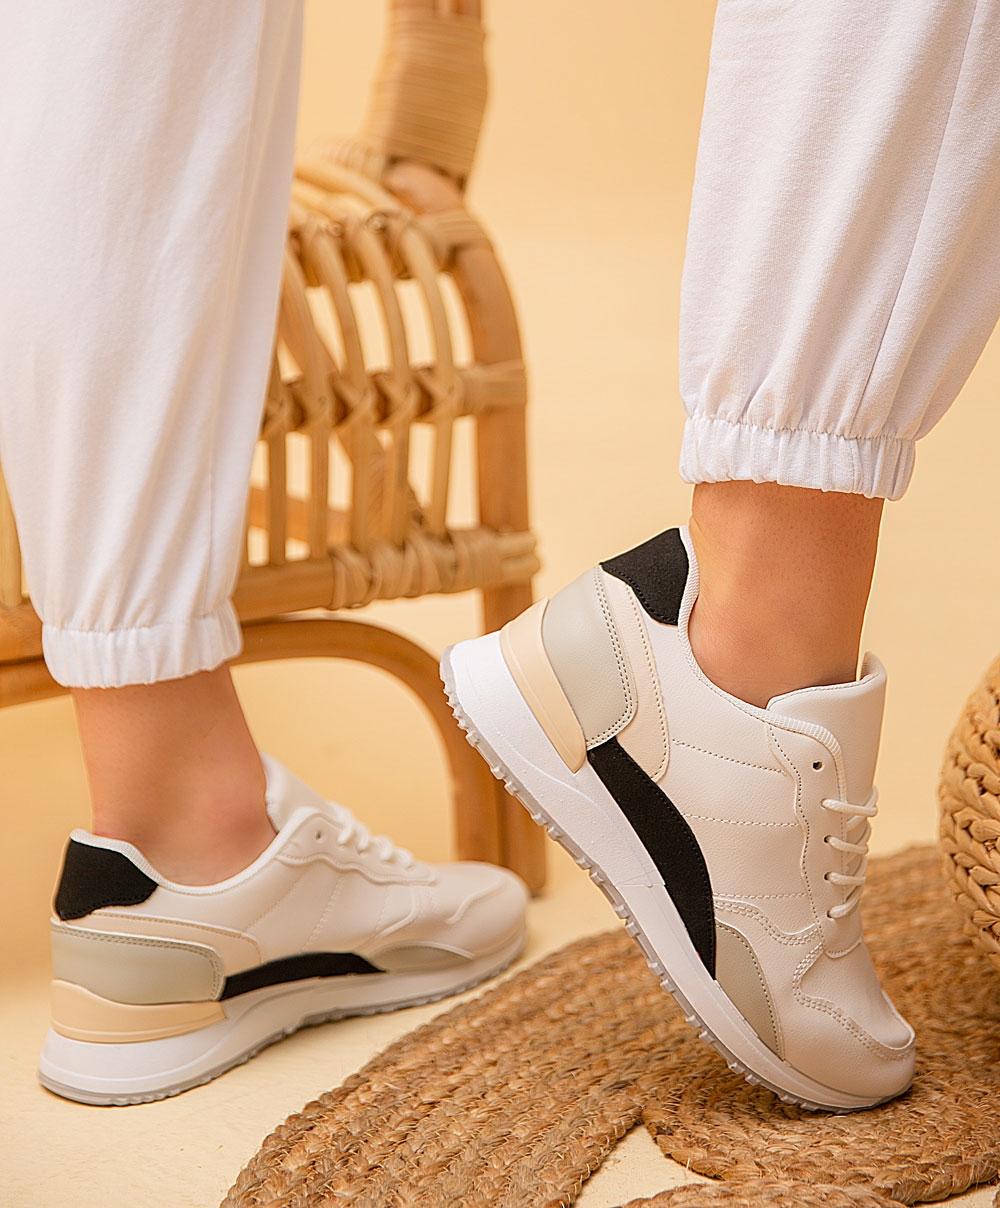 Εικόνα από Γυναικεία sneakers σε συνδυασμούς χρωμάτων Λευκό/Μπέζ